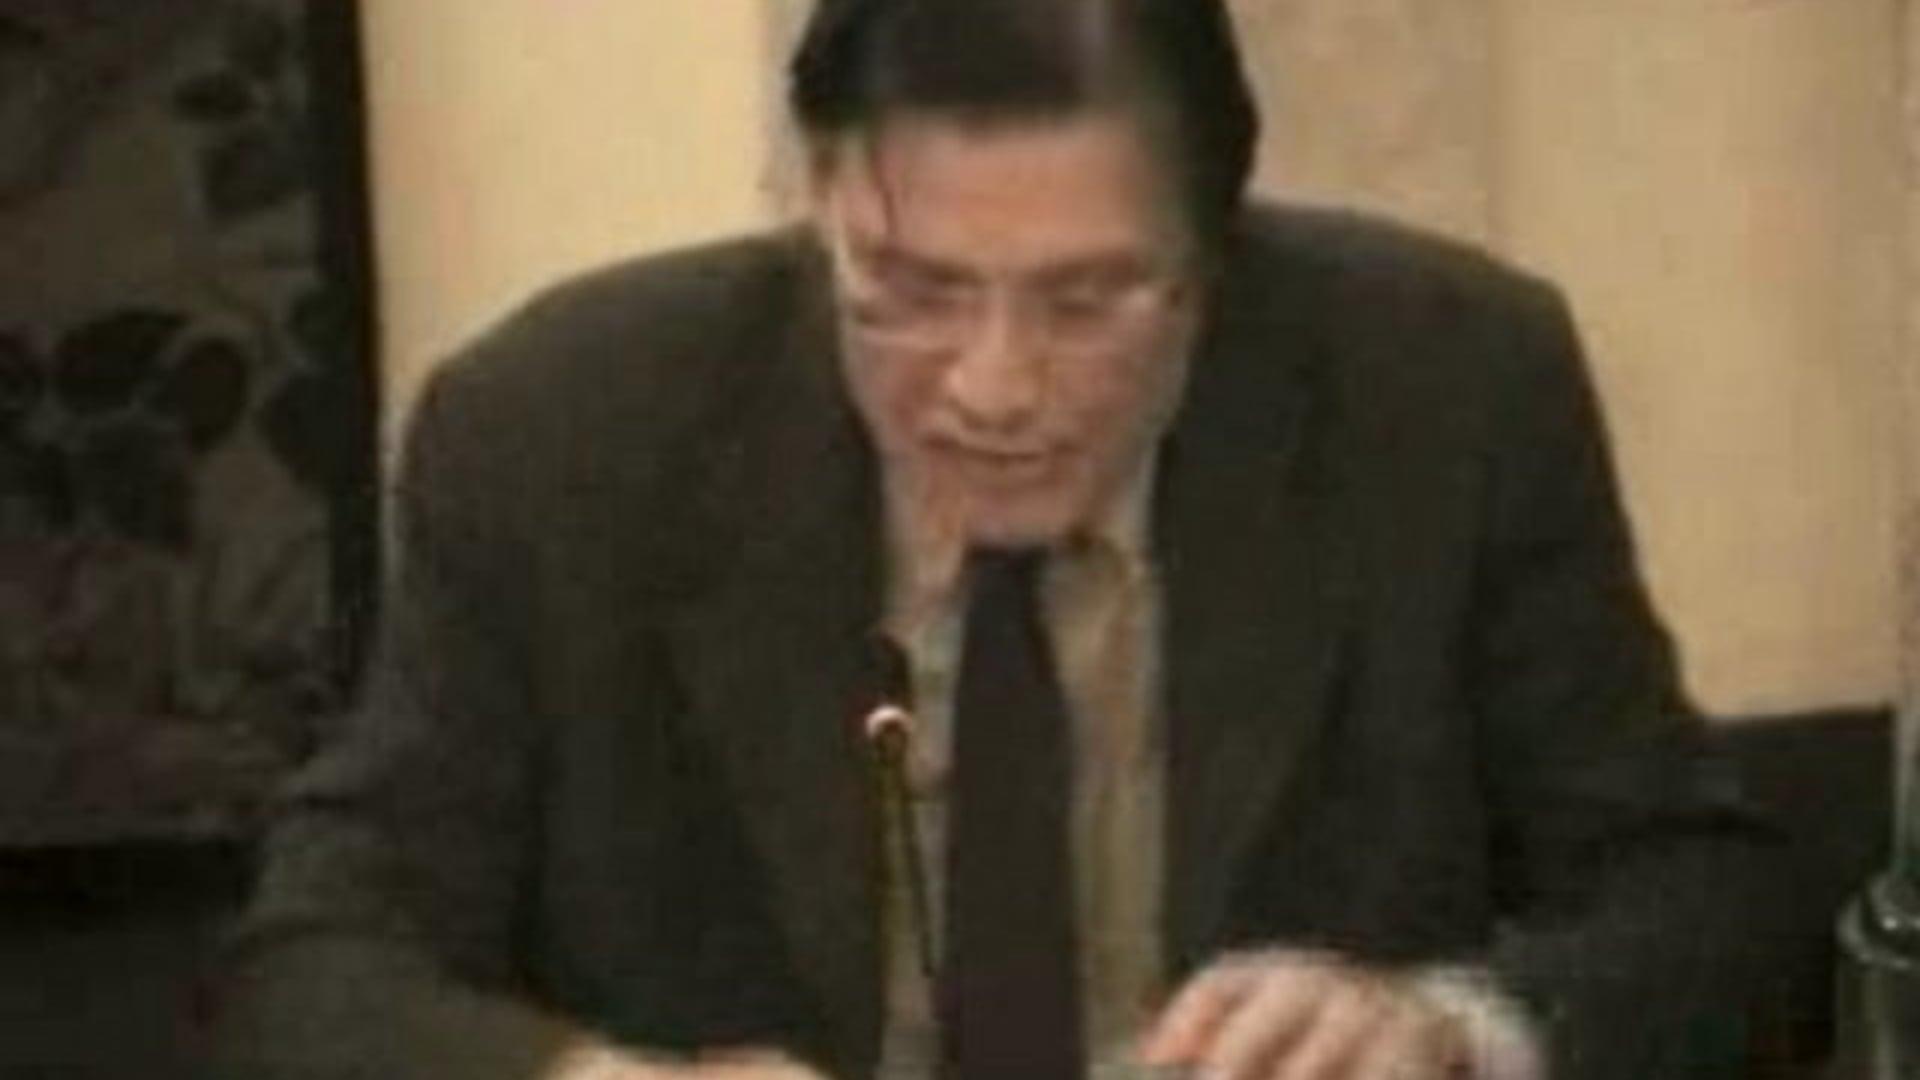 Mauro Visentin